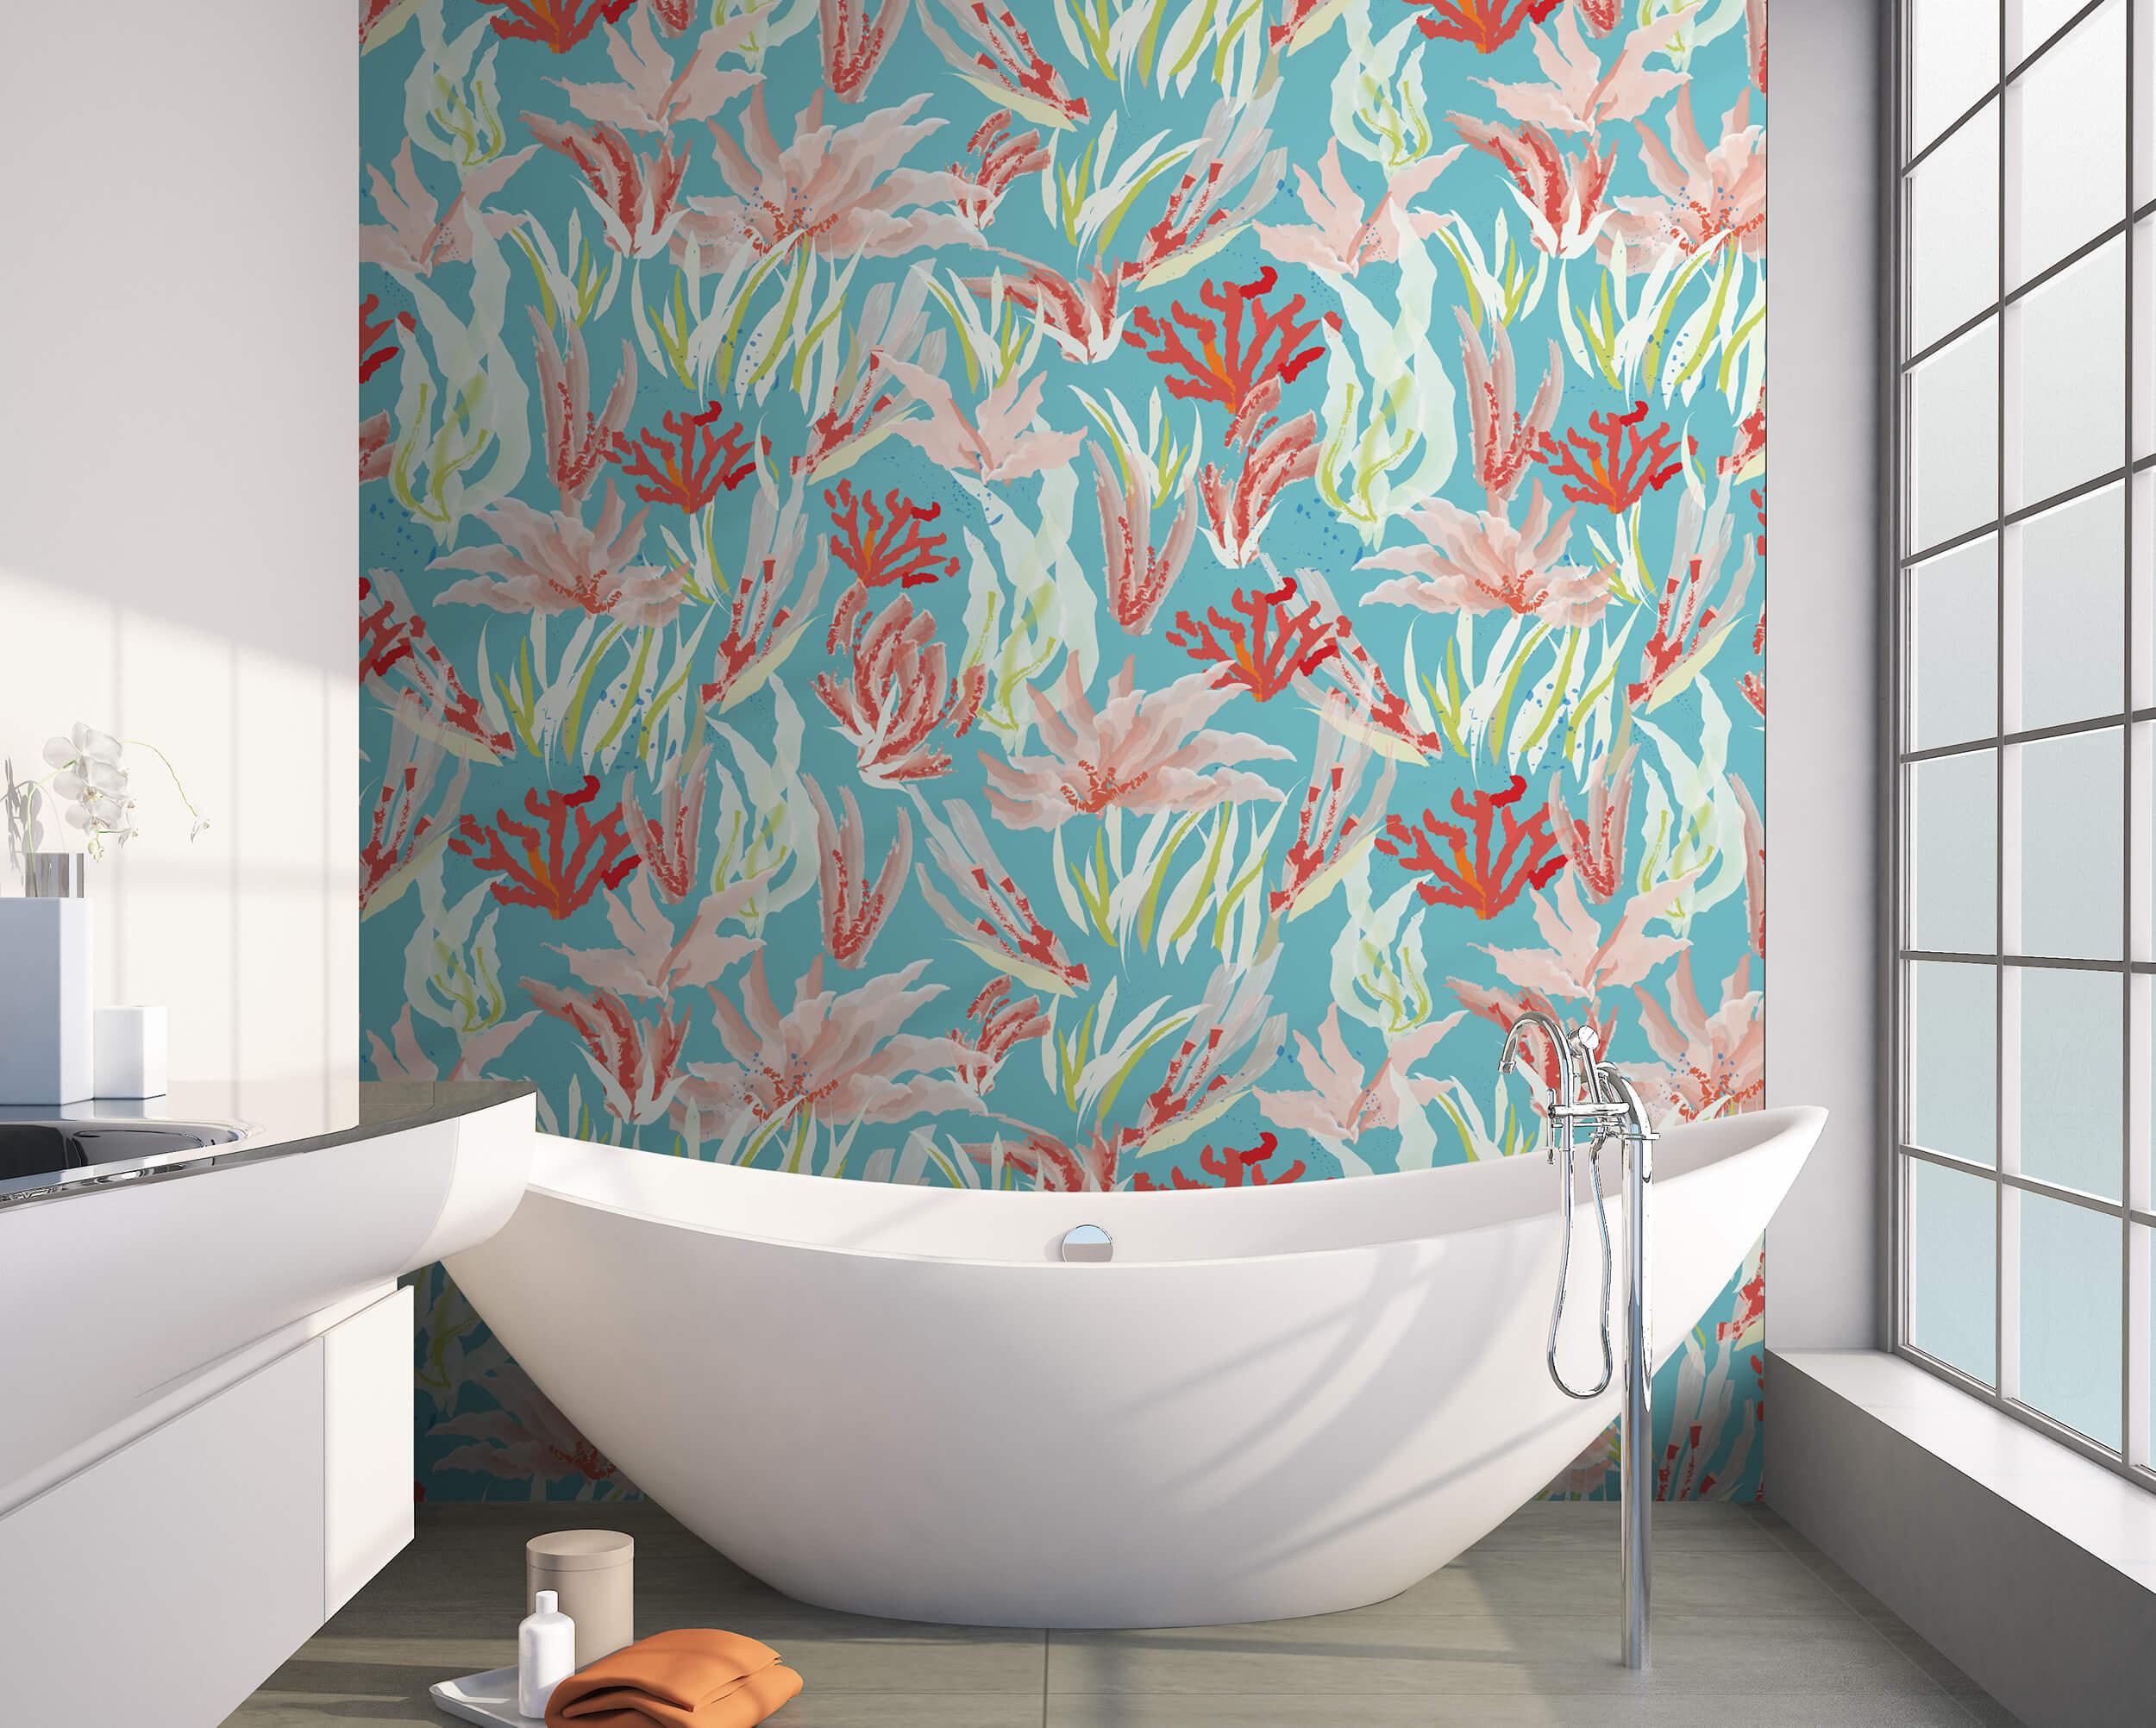 Bathroom acqua.jpg